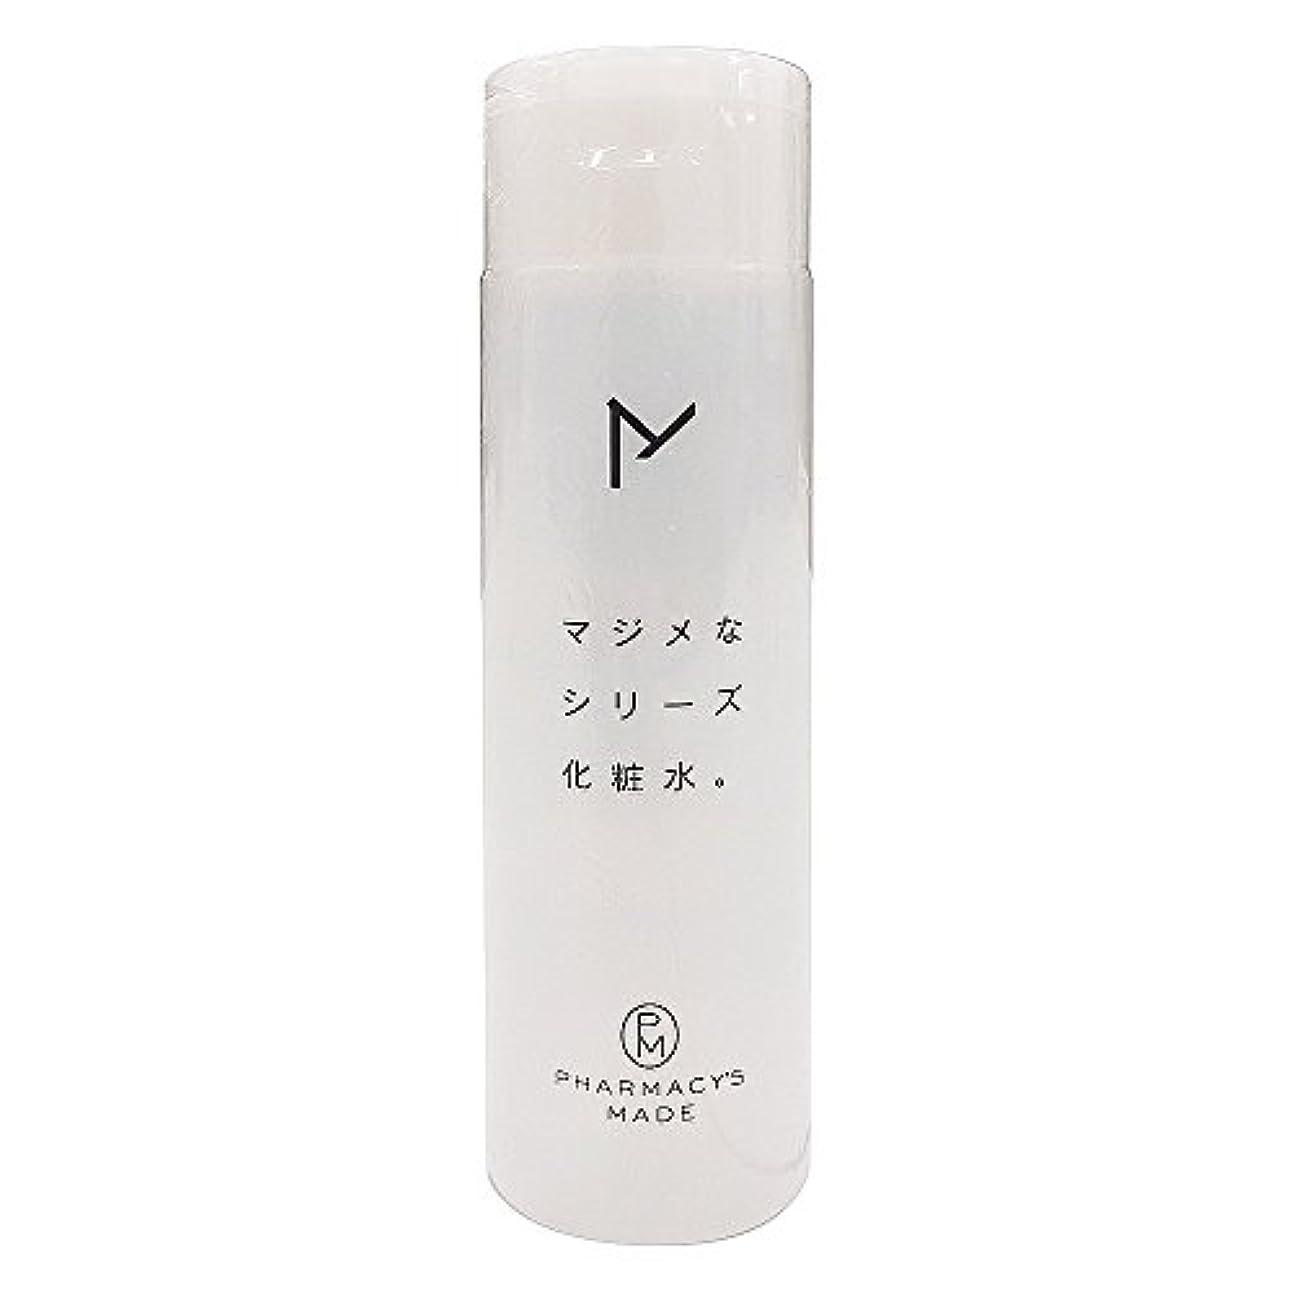 お別れカーテン層水橋保寿堂製薬 マジメなシリーズ化粧水。 200ml